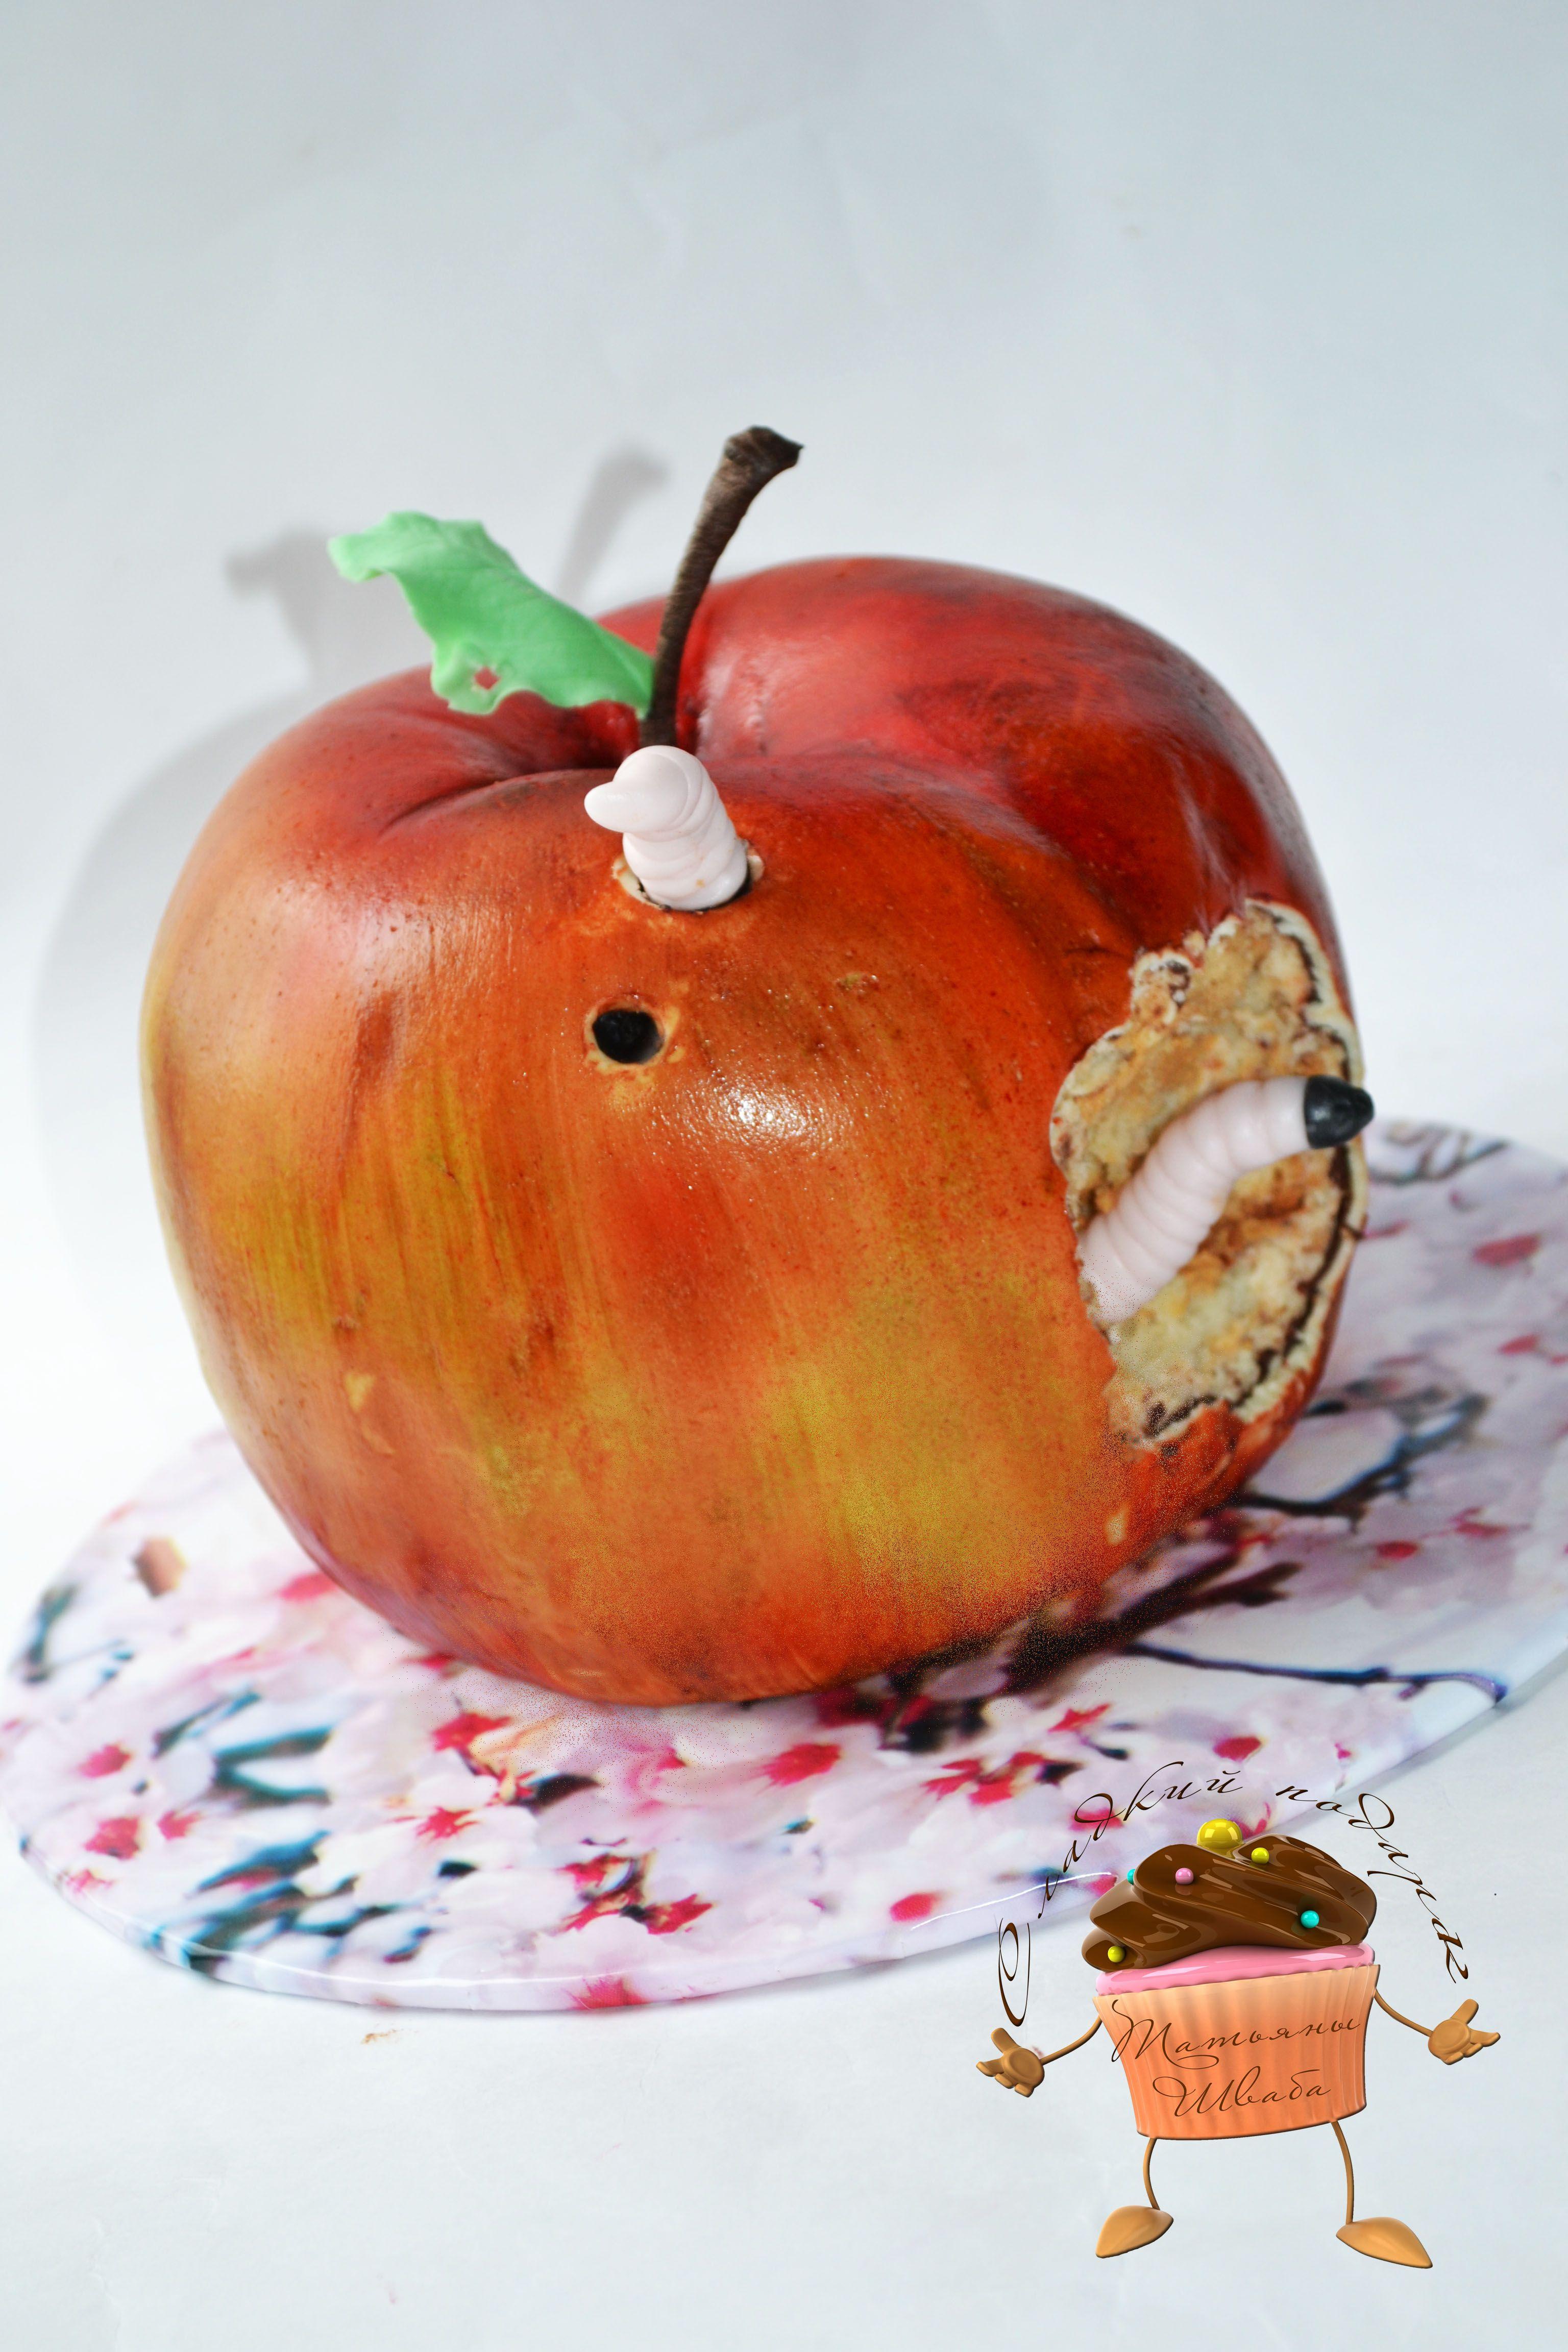 торт яблоко картинки оно красиво, только